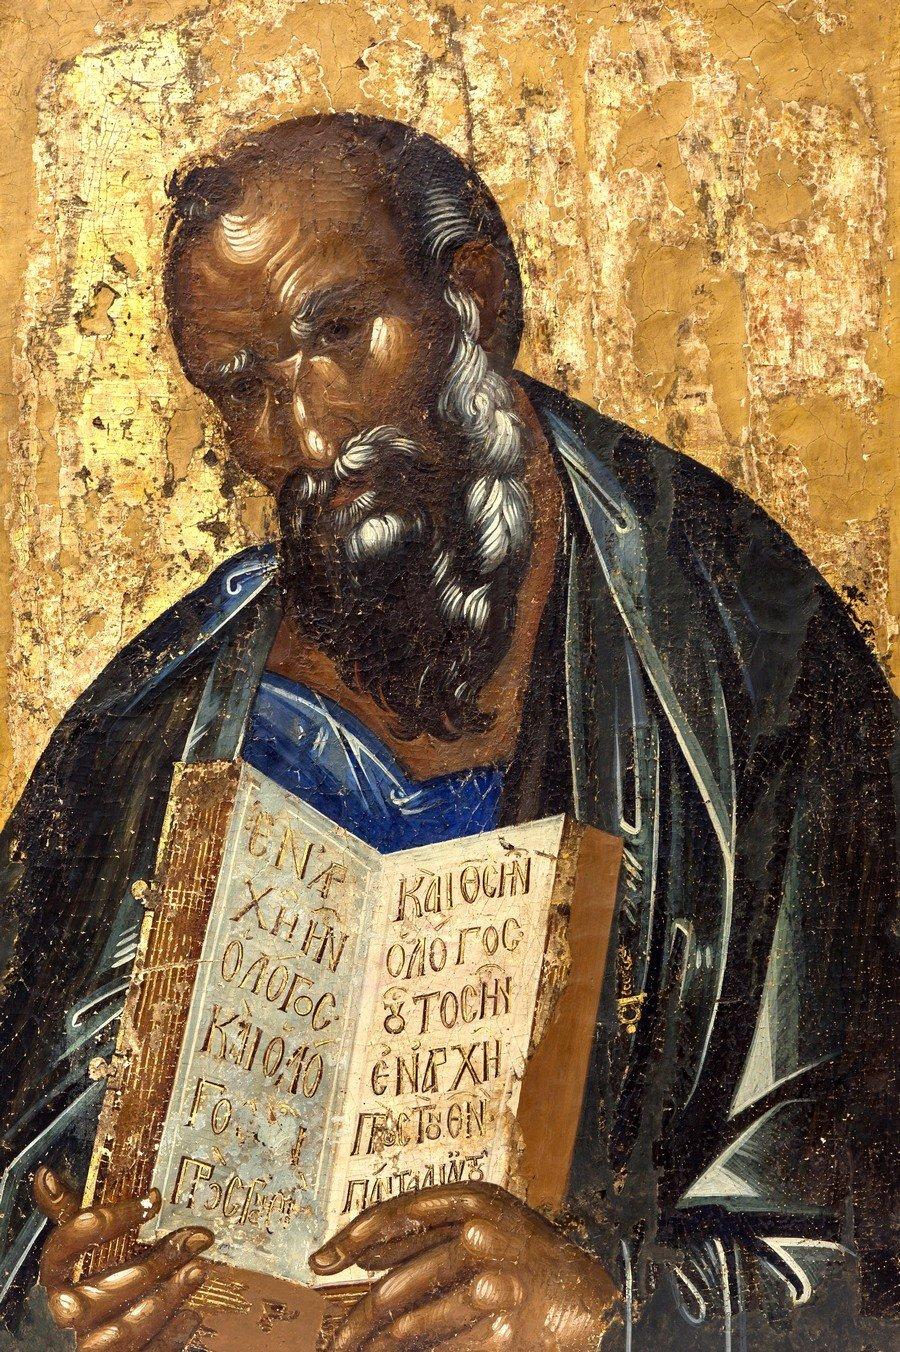 Святой Апостол и Евангелист Иоанн Богослов. Икона. Византия, 1370 - 1380-е годы. Византийский Церковный музей в Митилини, Греция.